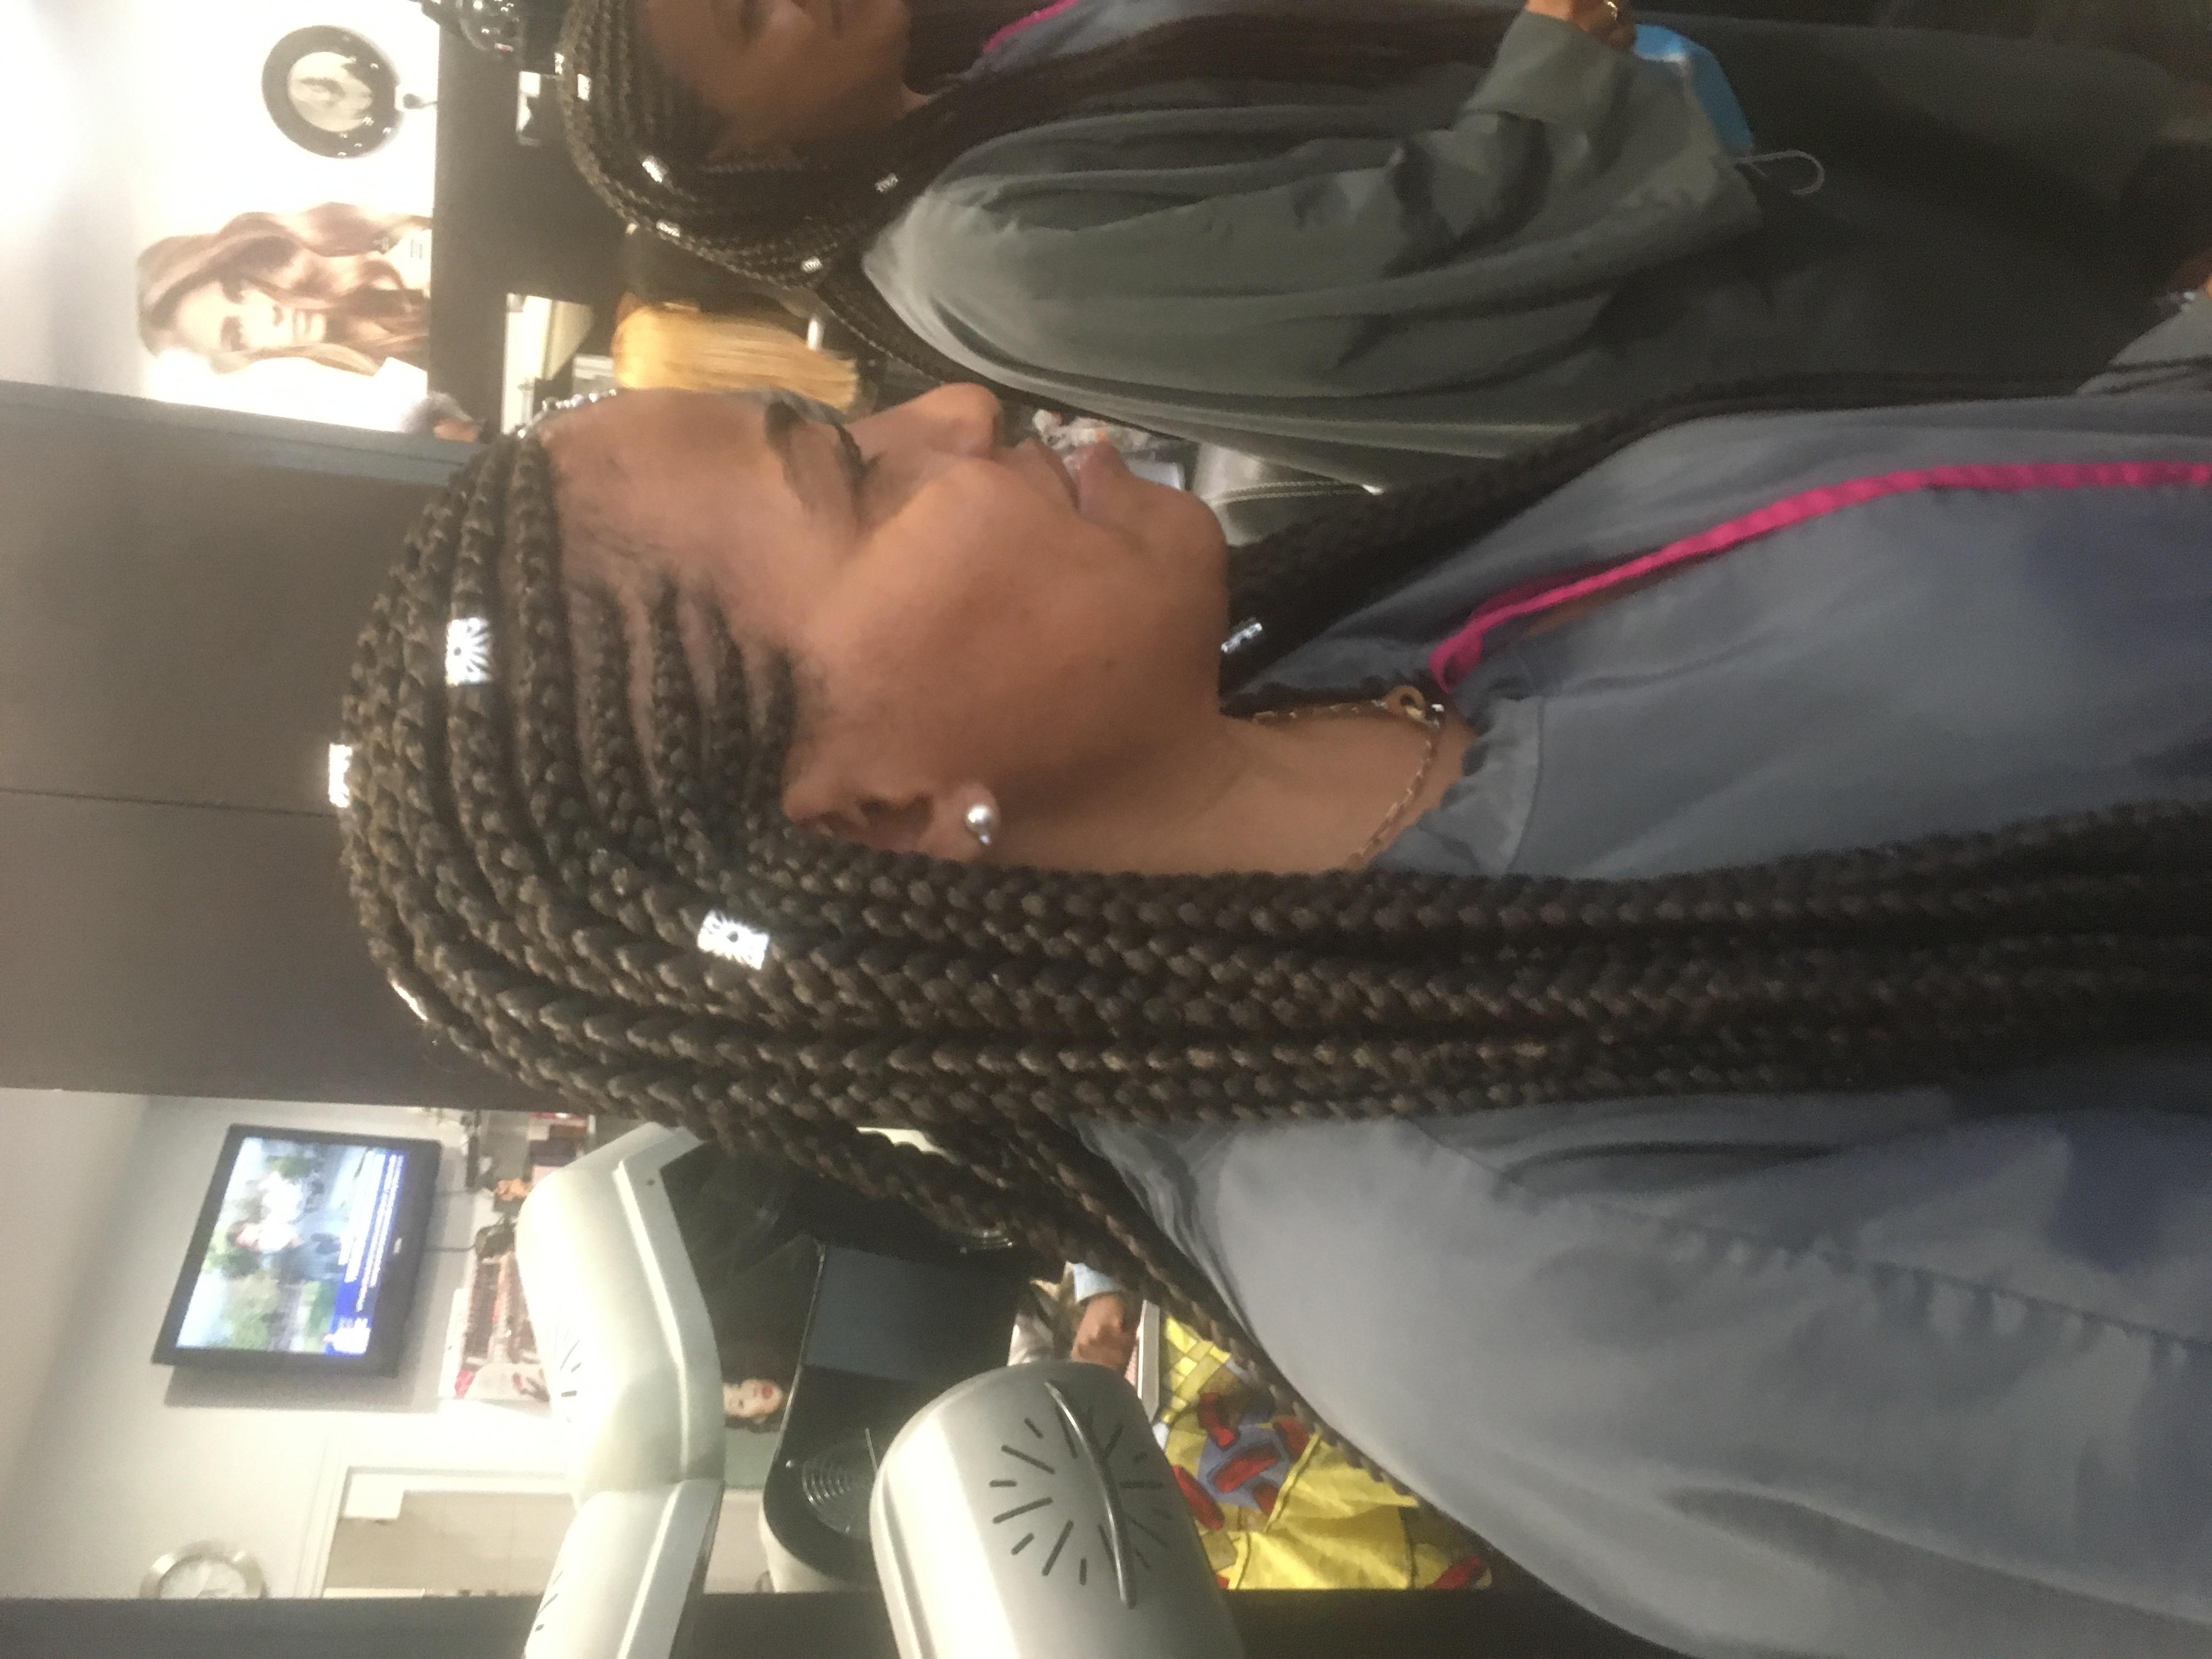 salon de coiffure afro tresse tresses box braids crochet braids vanilles tissages paris 75 77 78 91 92 93 94 95 ASIHDPZL